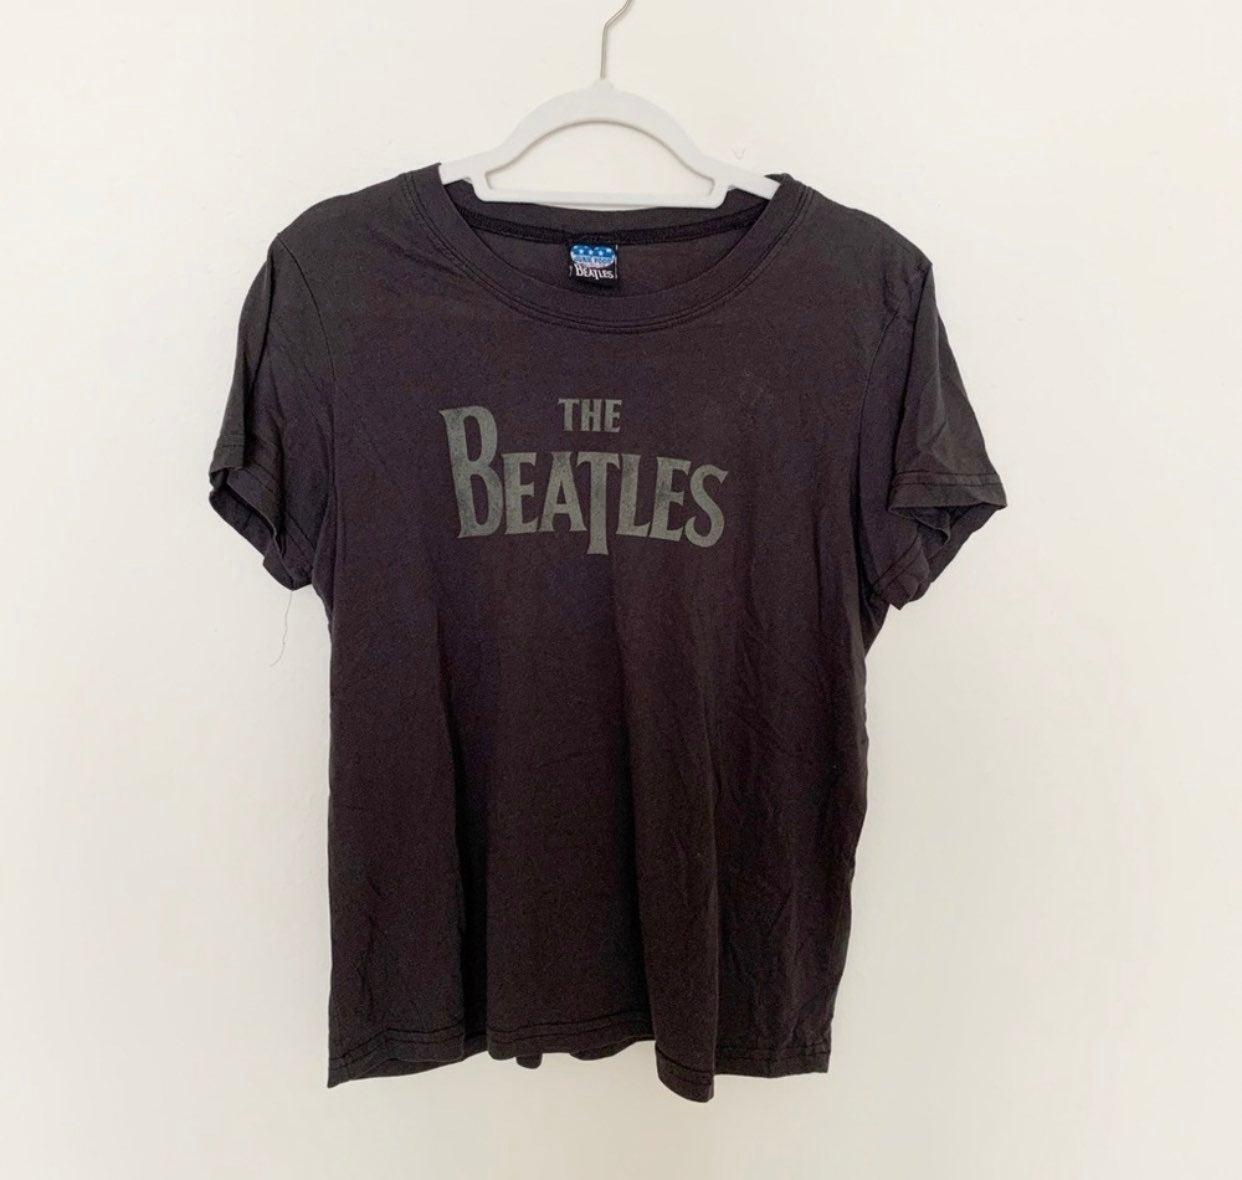 The Beatles Concert Tee